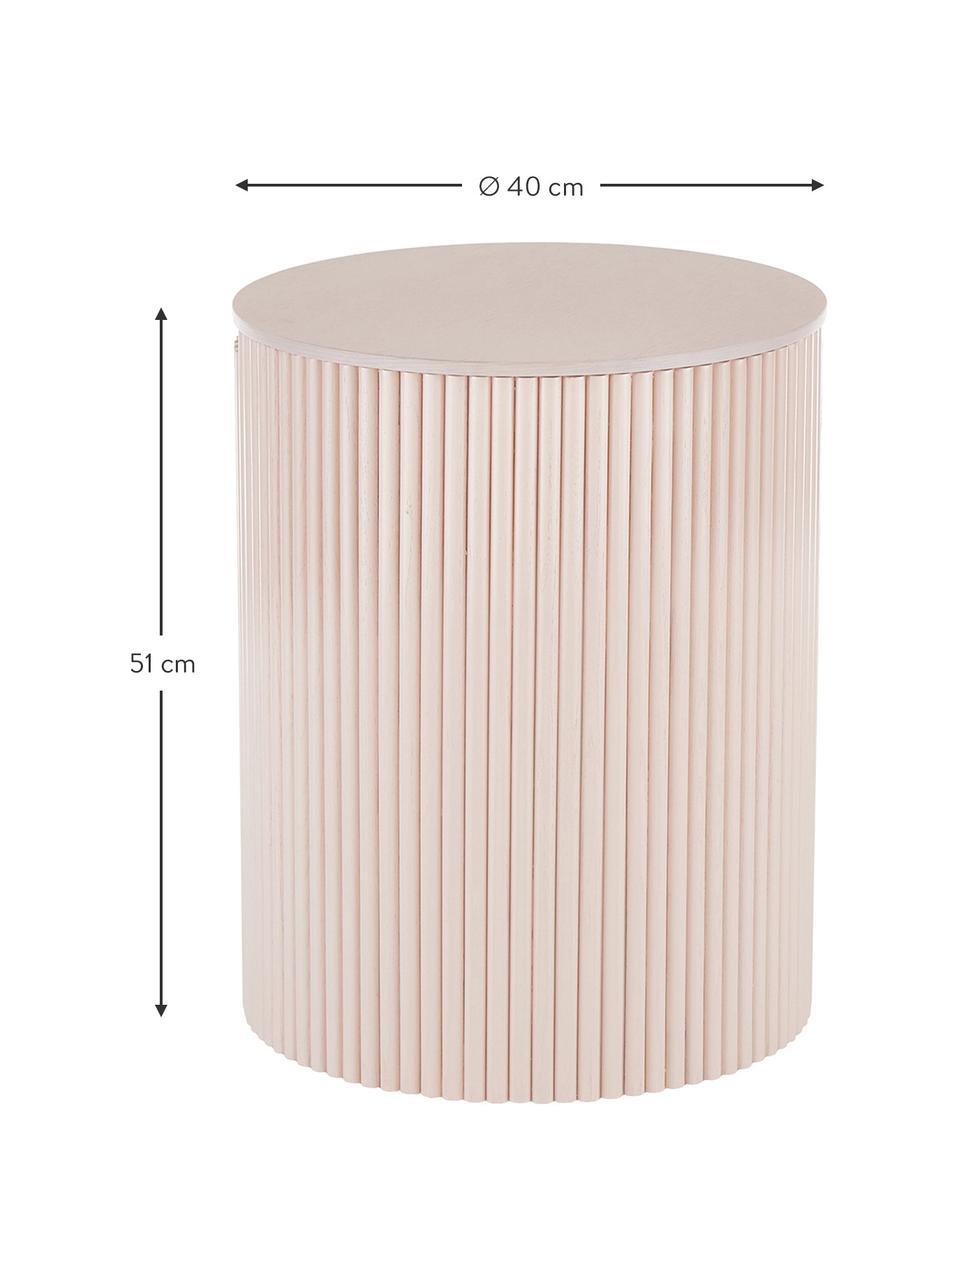 Houten bijzettafel Nele met opbergruimte, MDF met essenhoutfineer, Roze, Ø 40 x H 51 cm